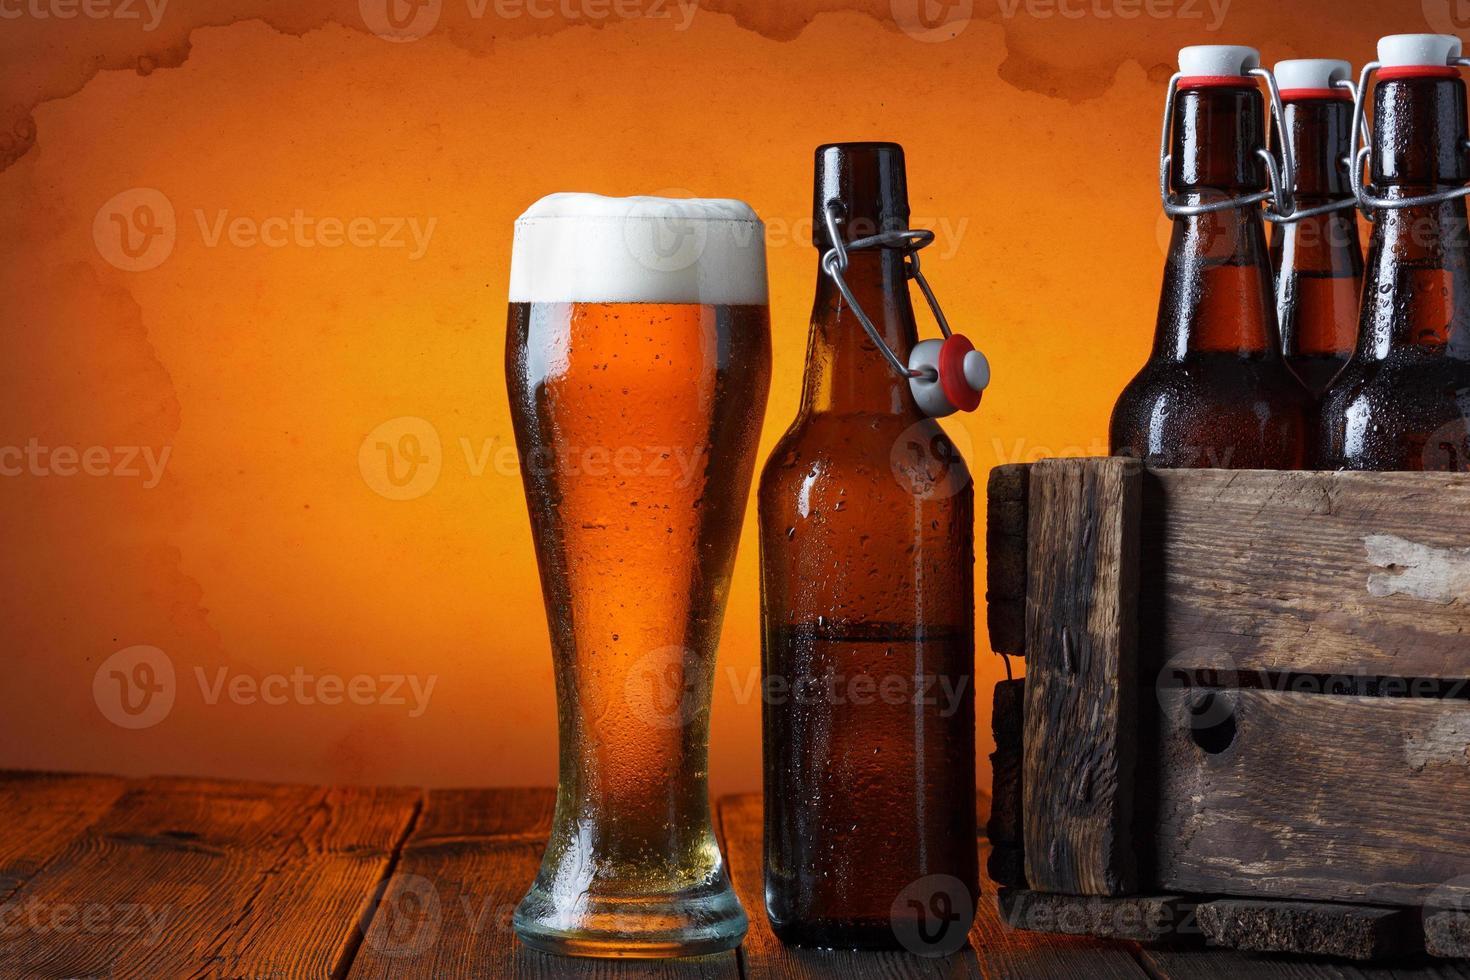 Bierglas mit Holzkiste mit Flaschen foto